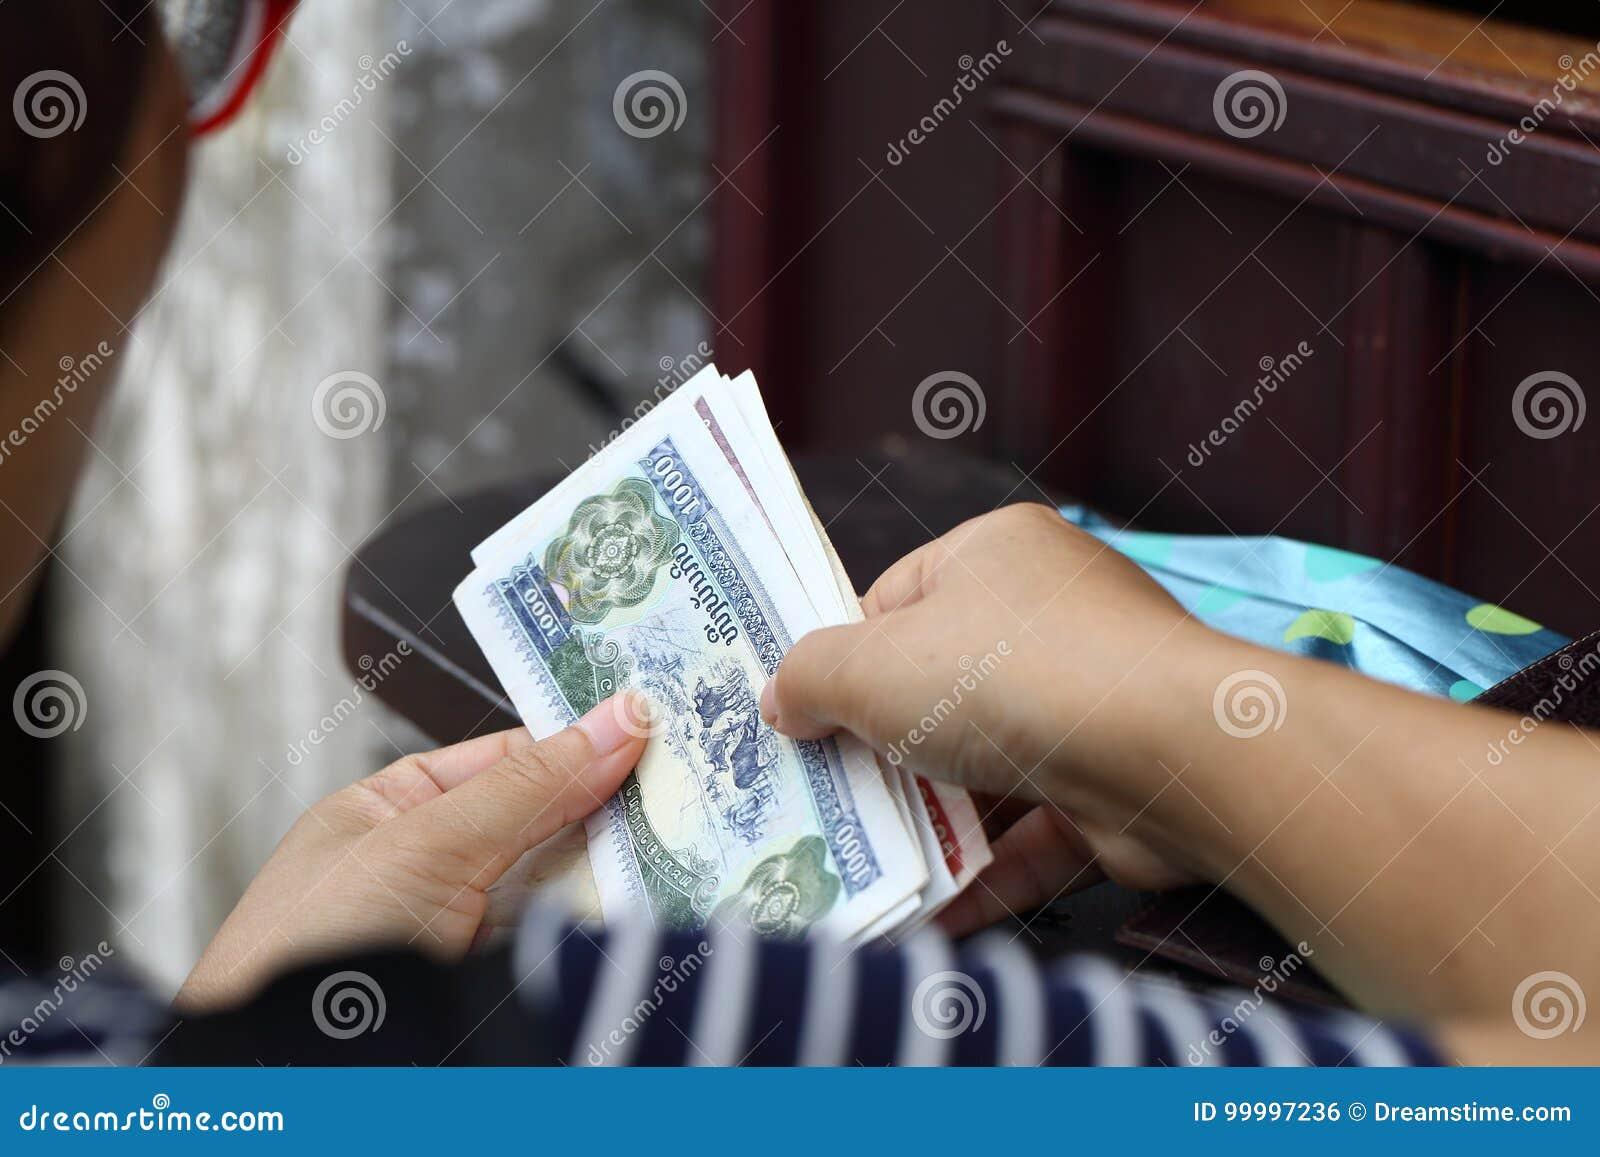 Scambio di soldi stranieri